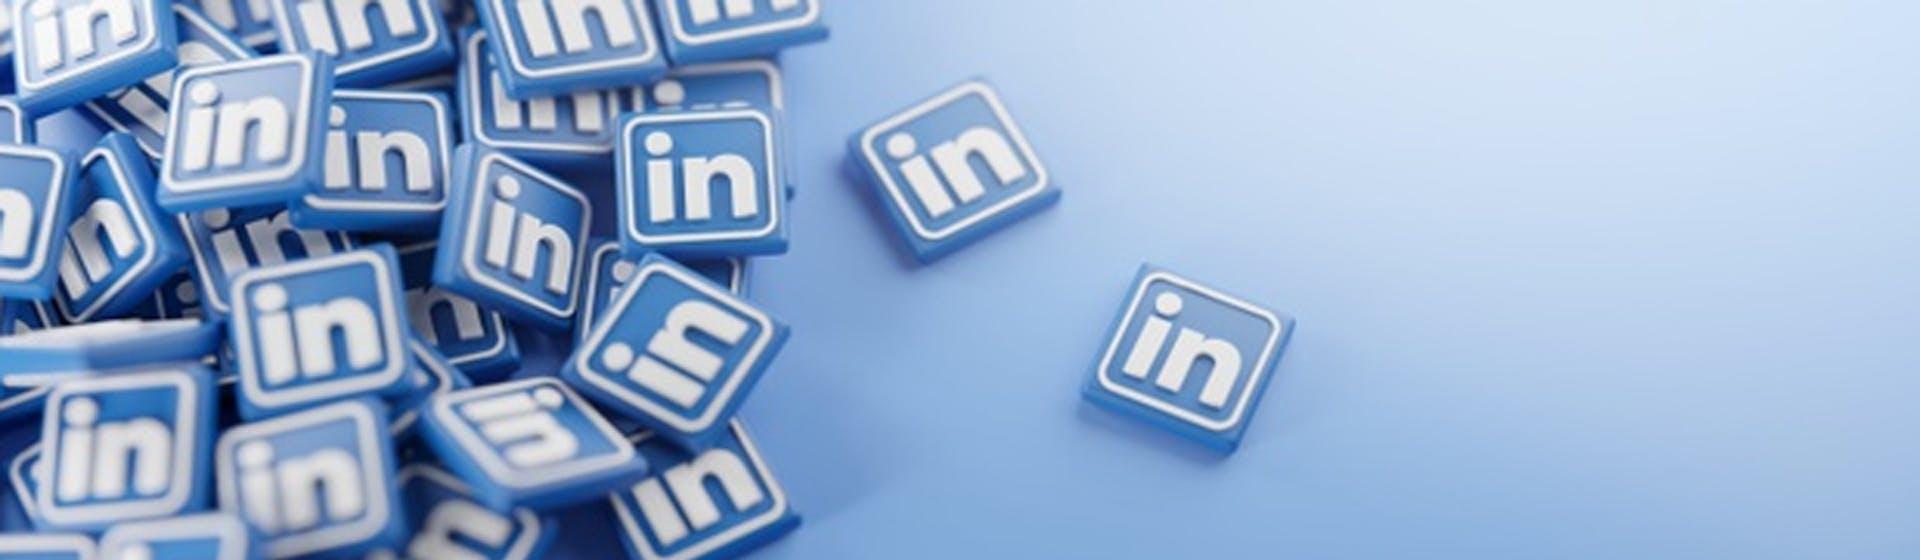 Aptitudes en LinkedIn: todo lo que tienes que saber para un perfil completísimo